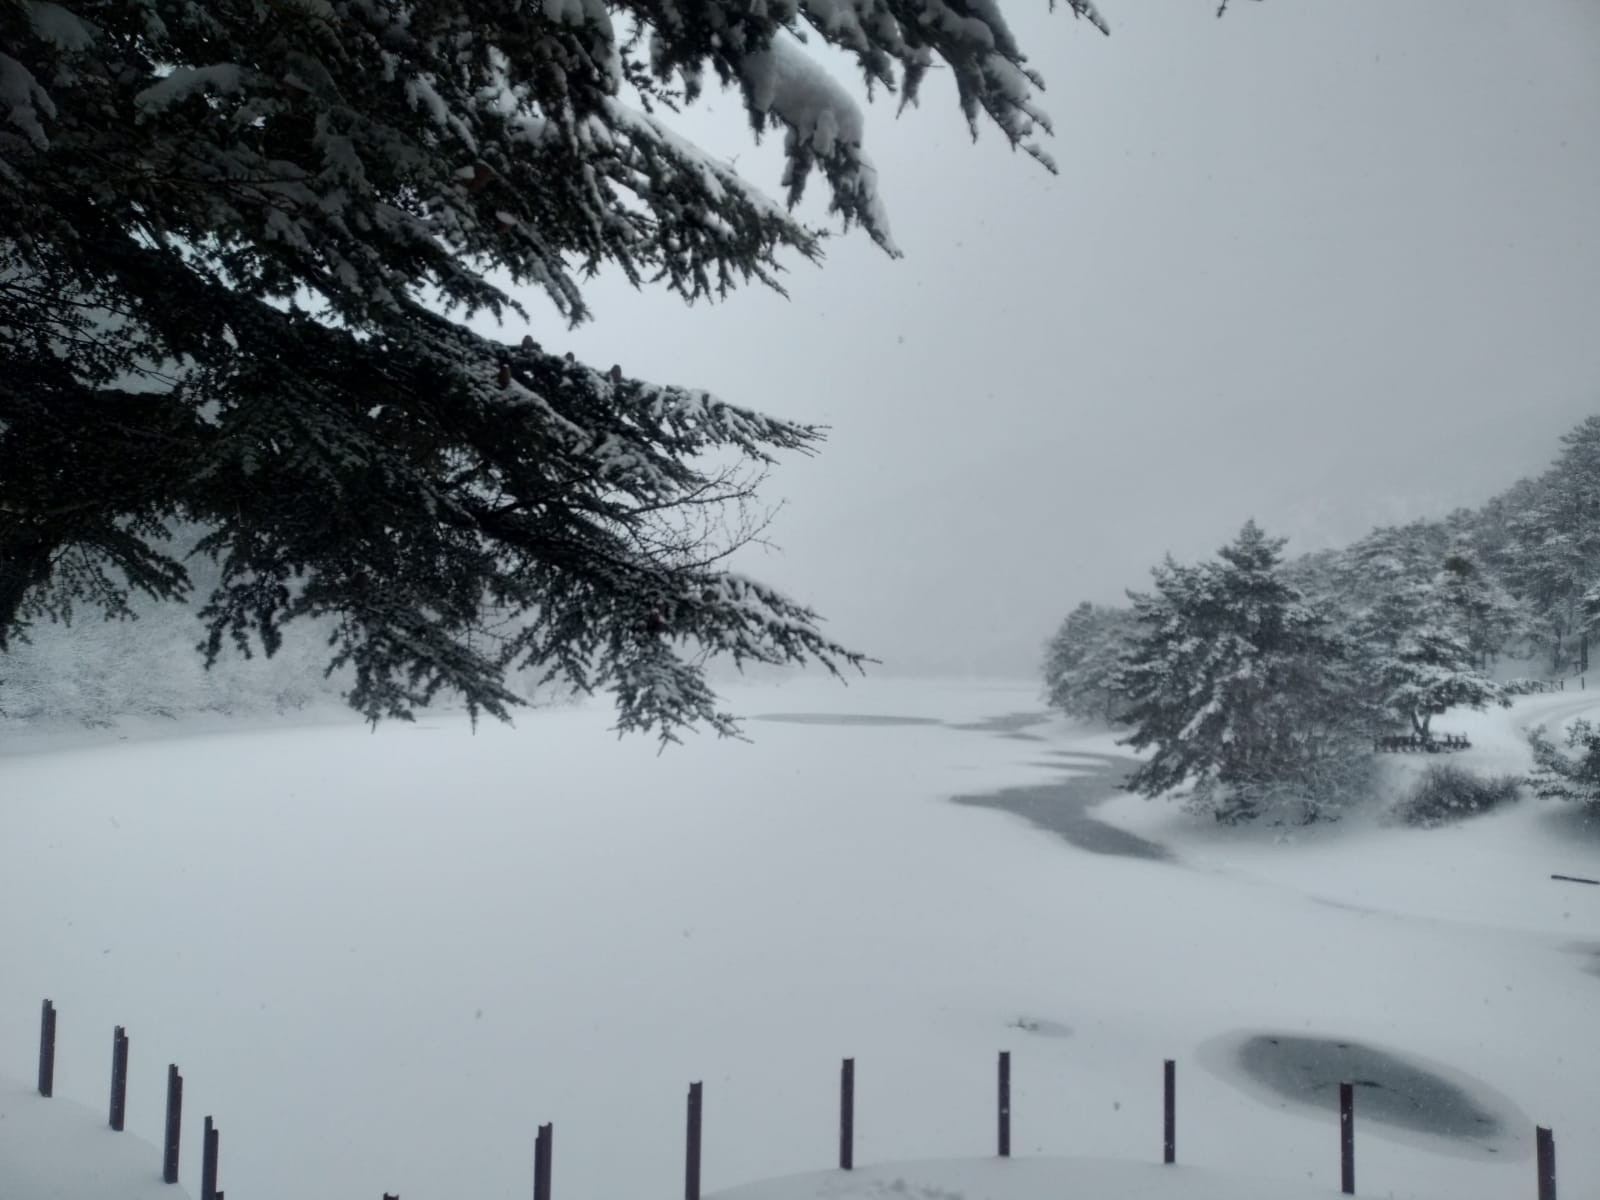 Borabay gölü buz tuttu ortaya bu görüntüler çıktı